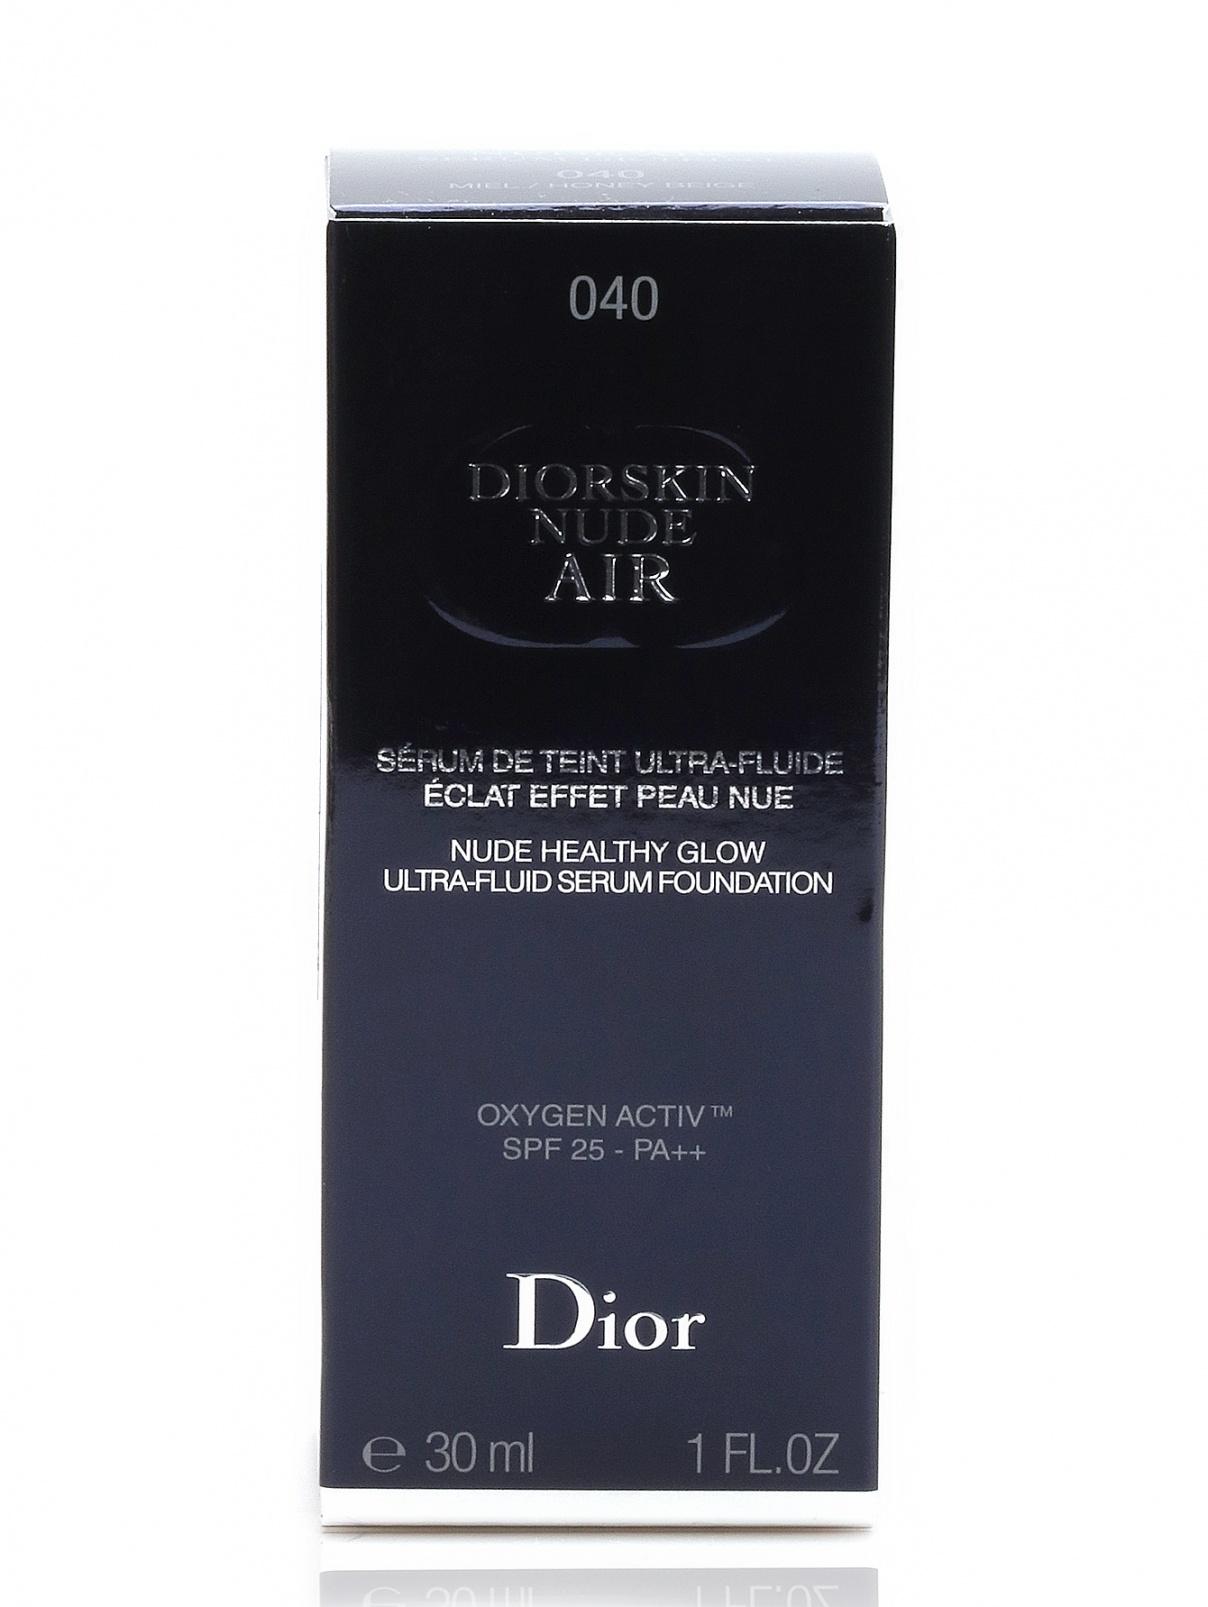 Тональная основа - Diorskin Nude Air, 30ml Dior  –  Модель Общий вид